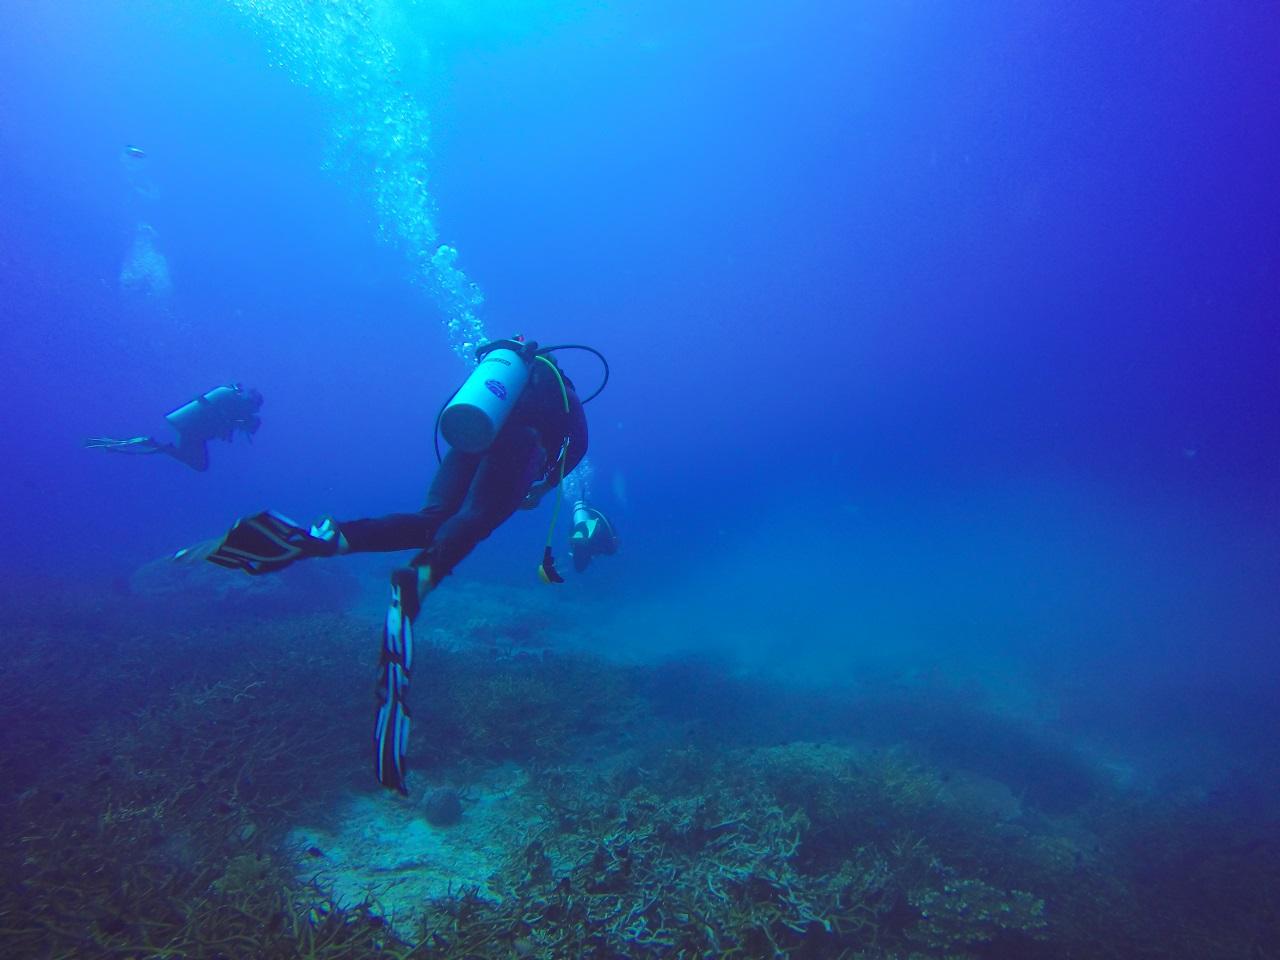 A deep sea diver in Malapascua